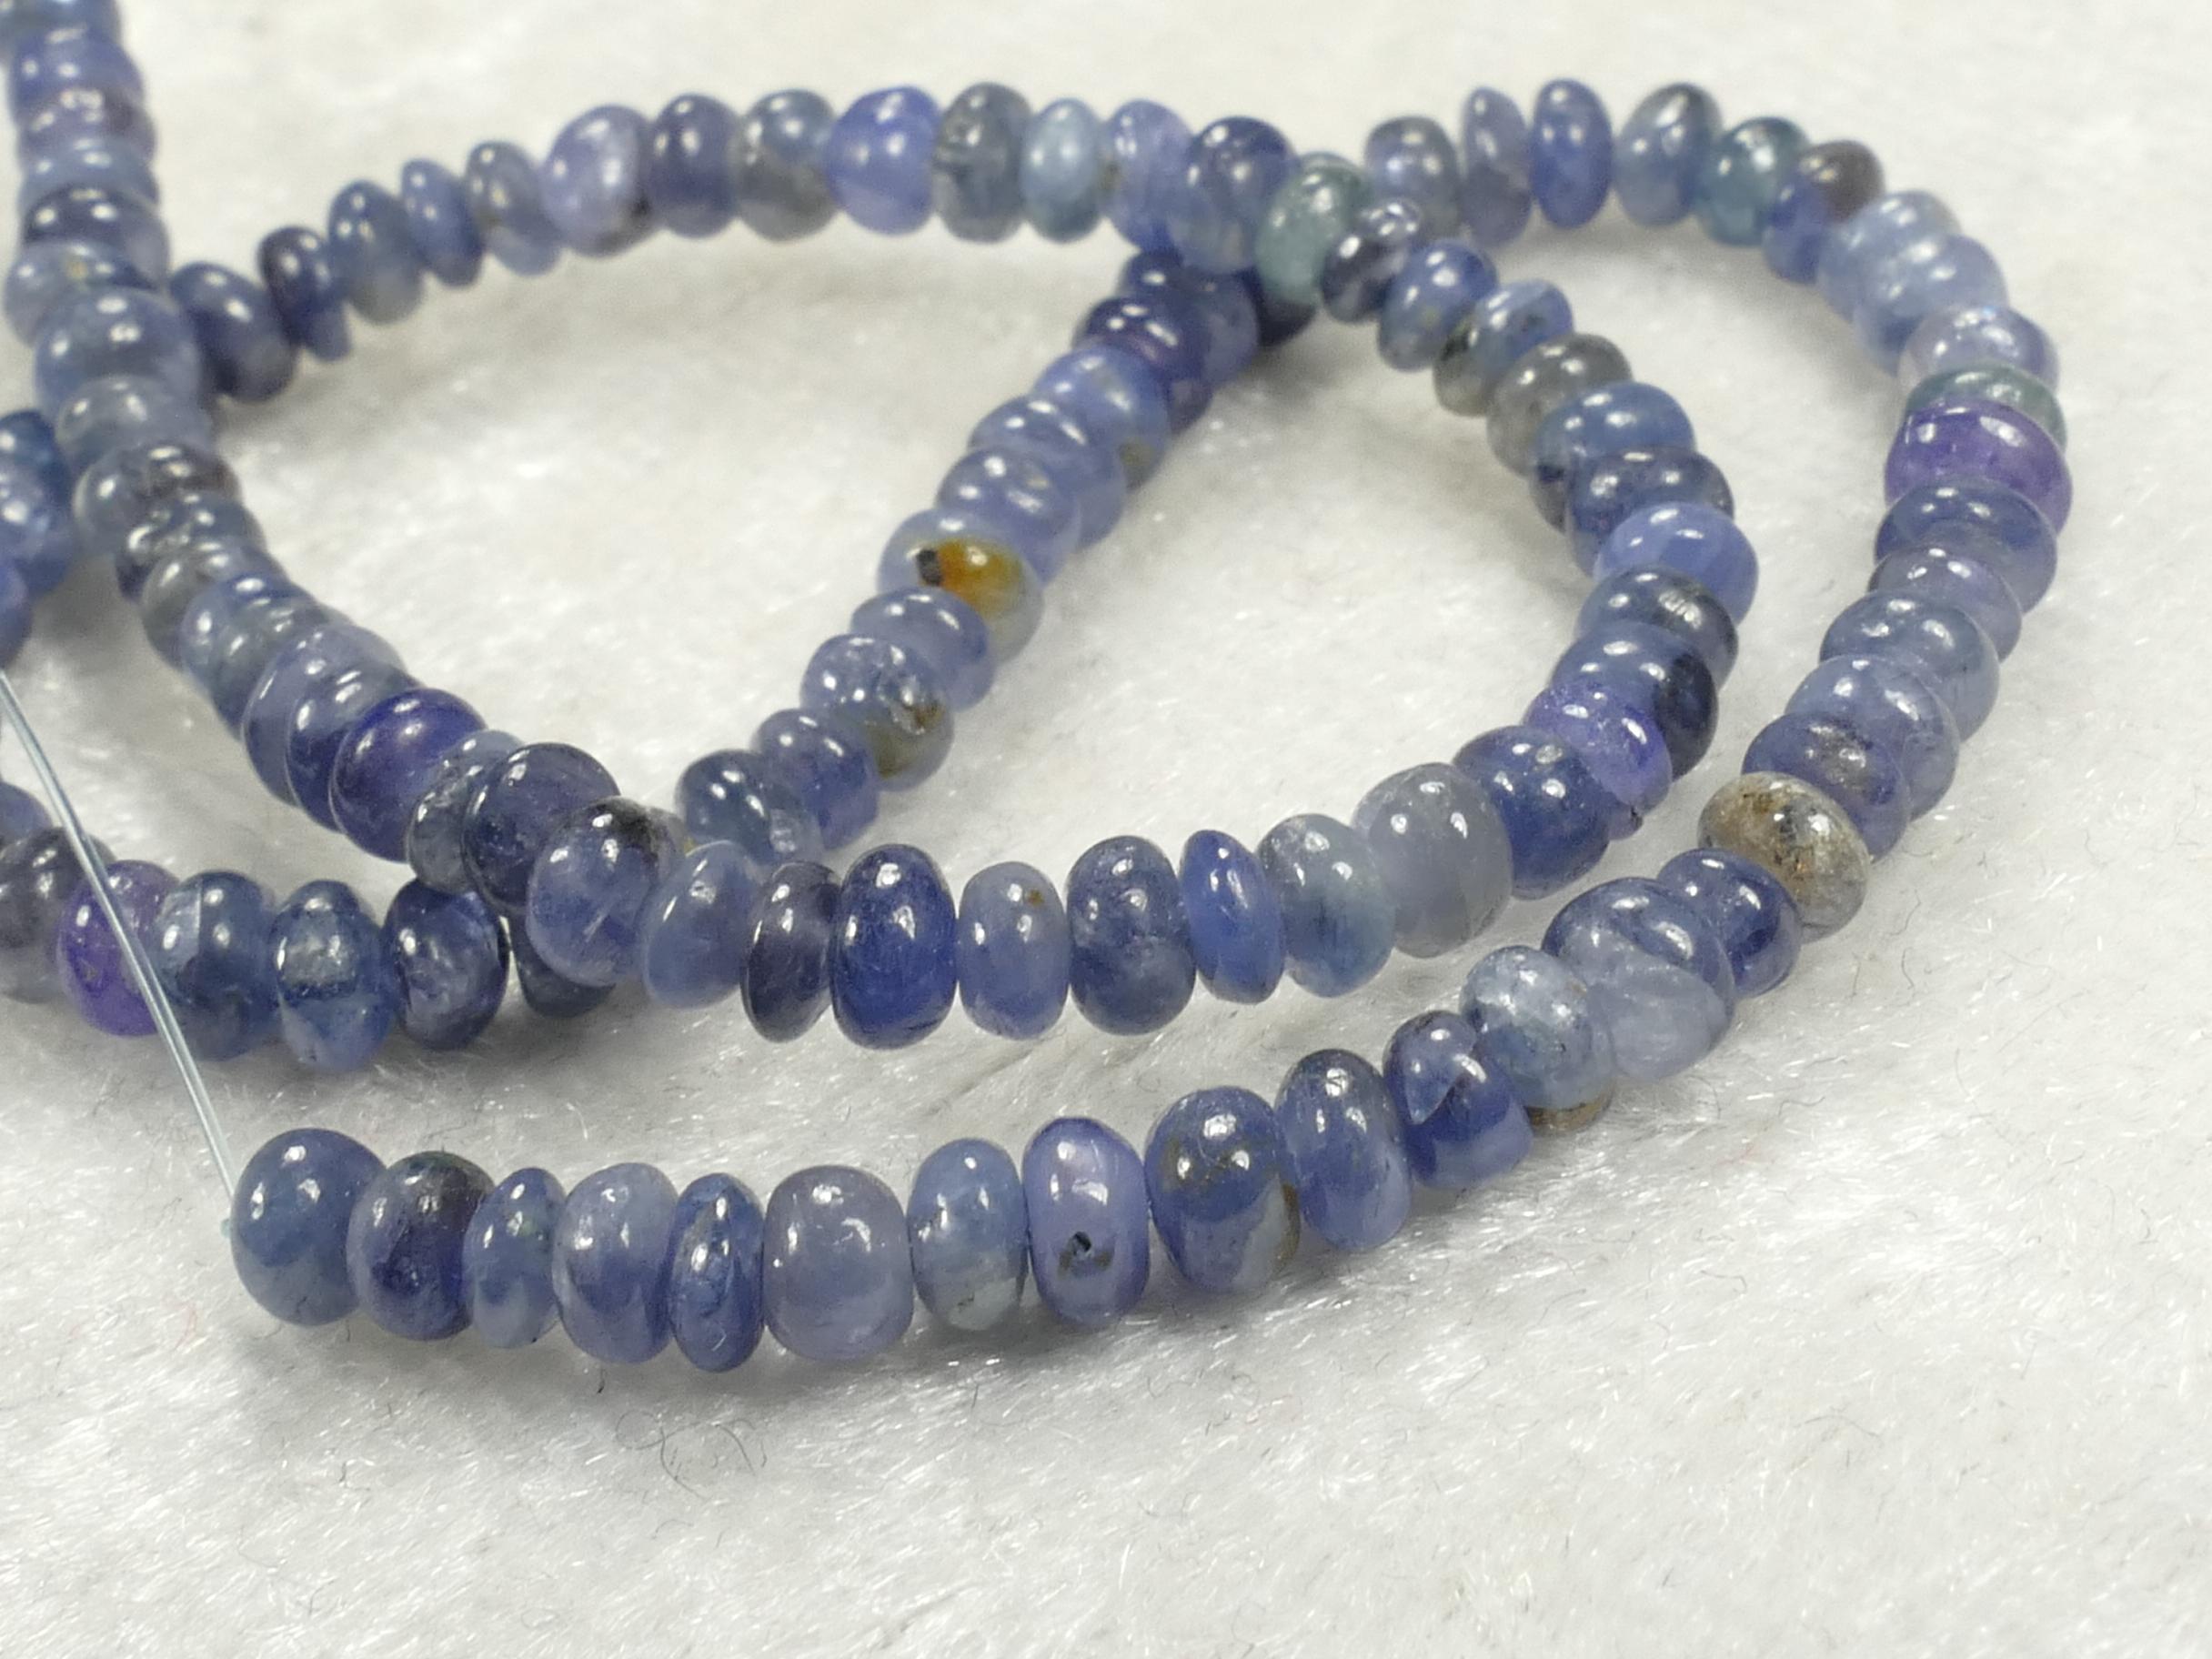 2.5/3.3mm Perles de Saphir bleu naturel en rondelle lisse x5cm (1.96inch) (#AC228C)